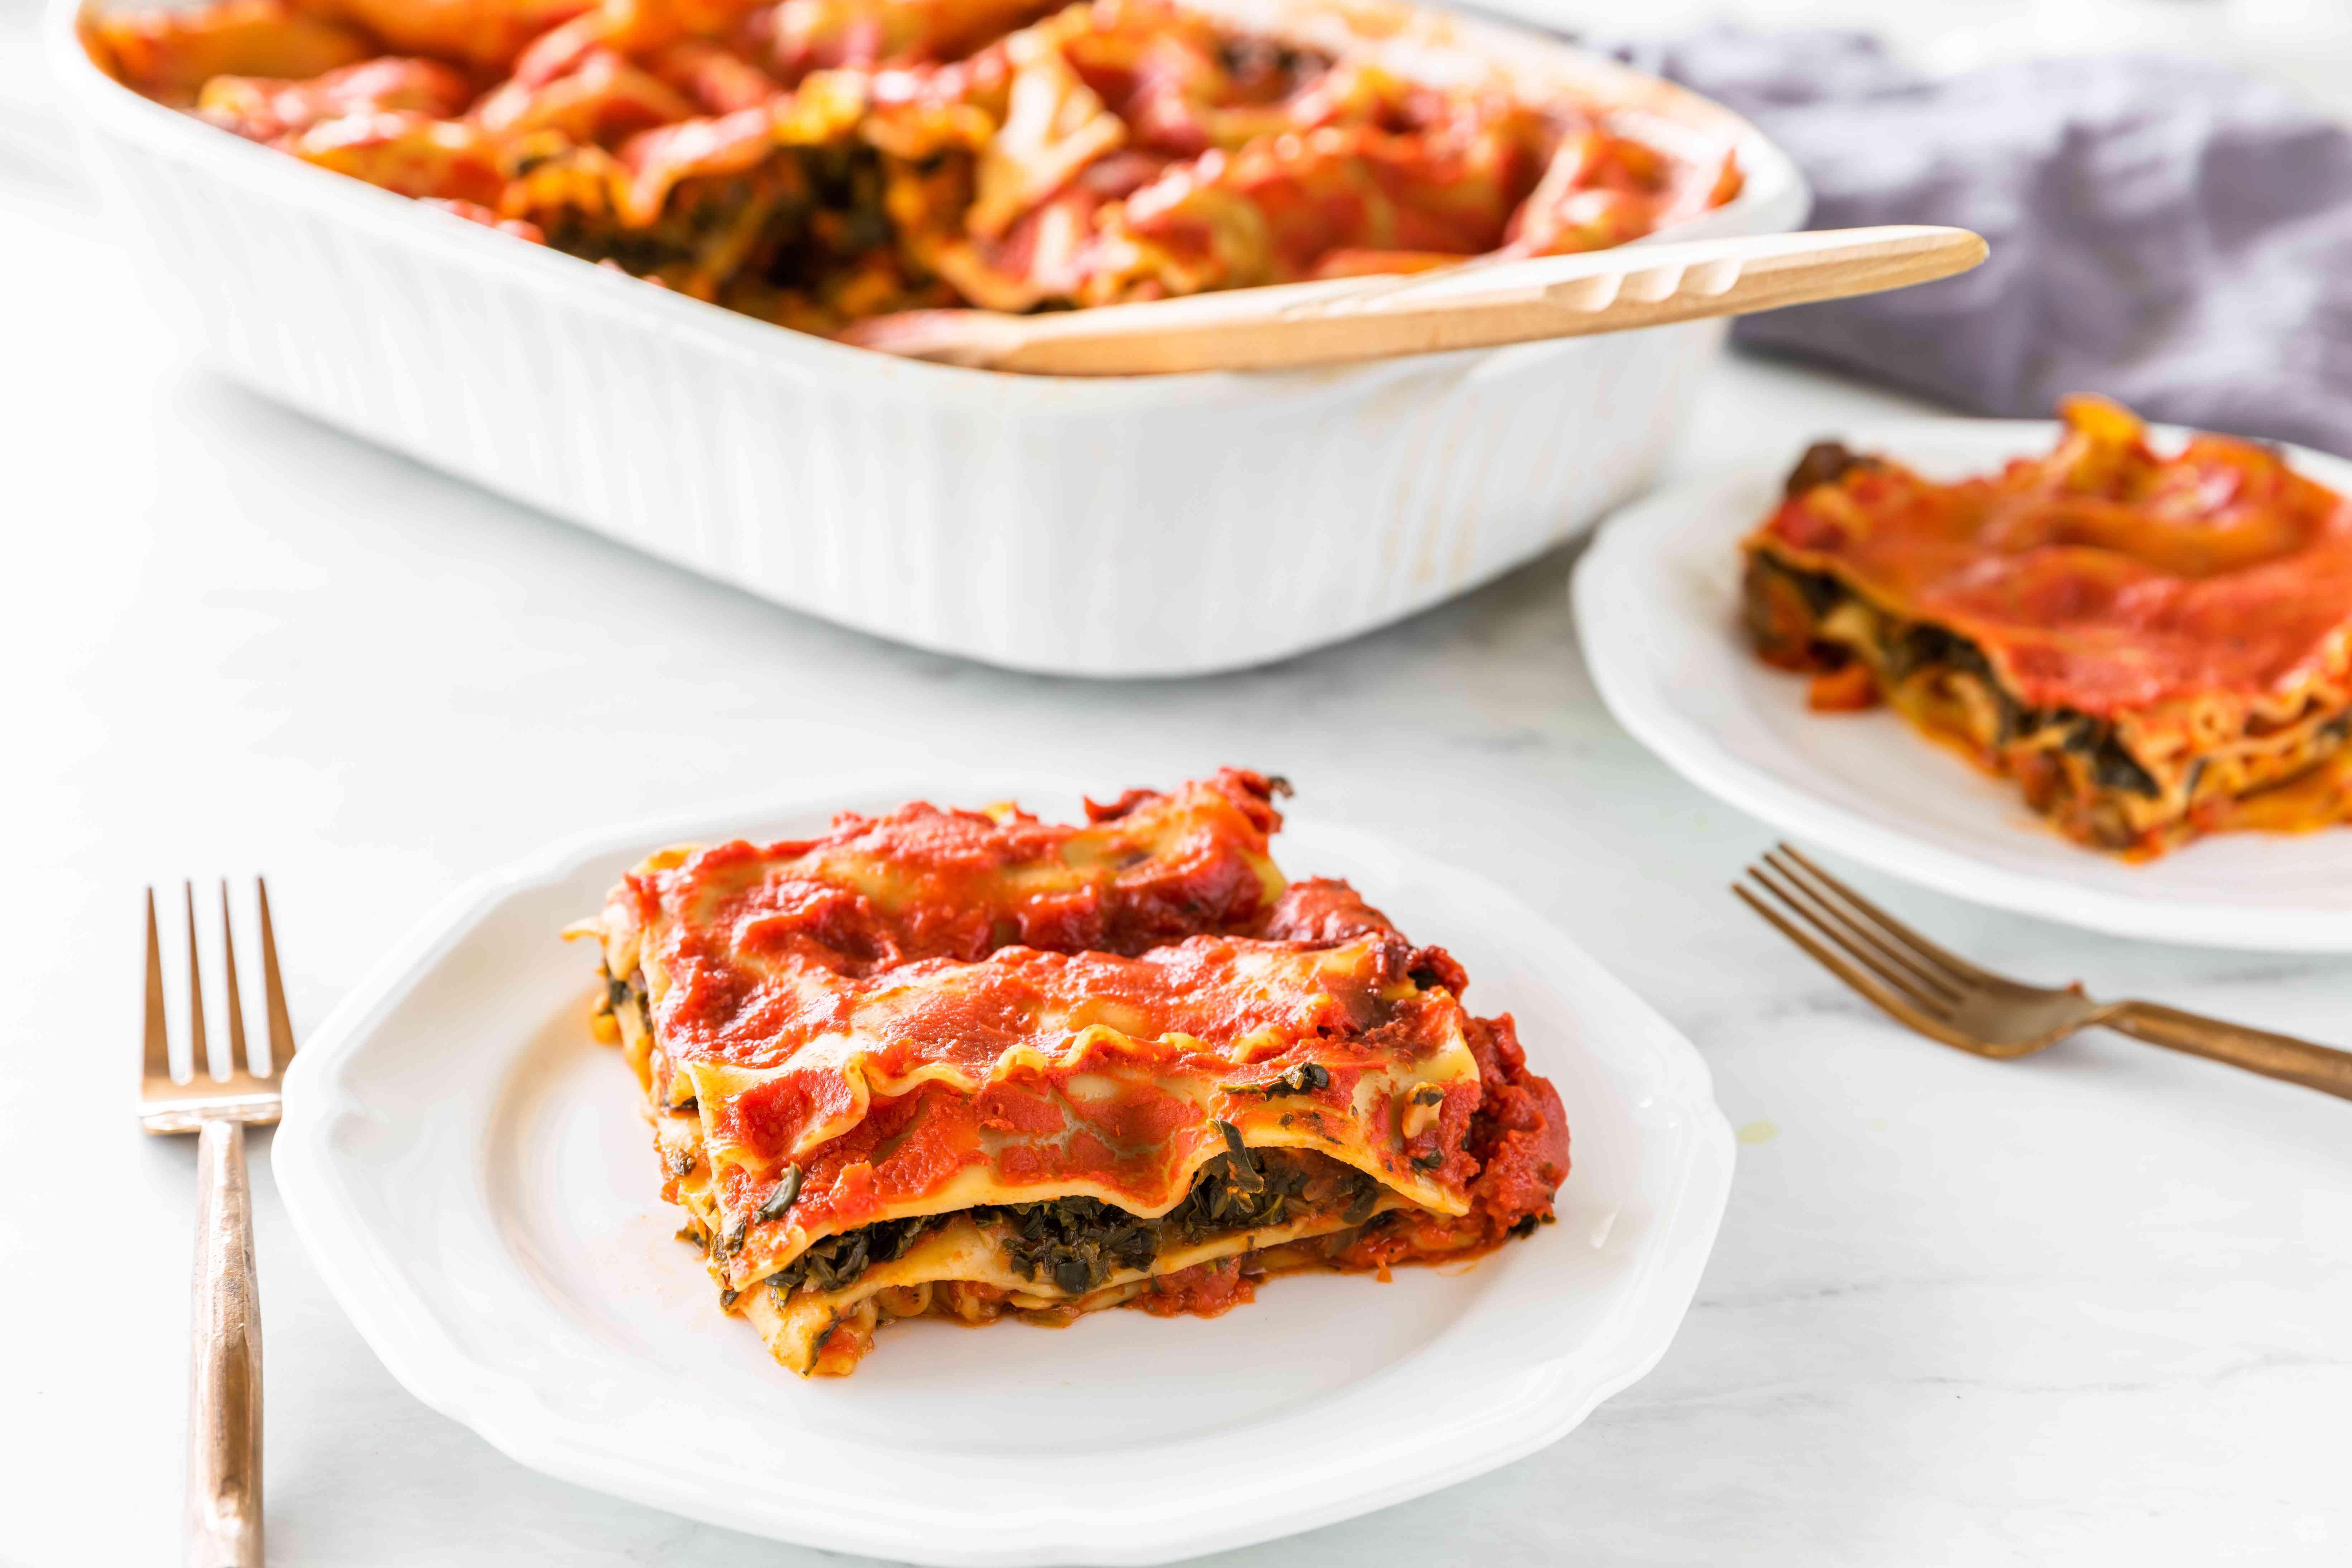 Low-fat vegan eggplant lasagna